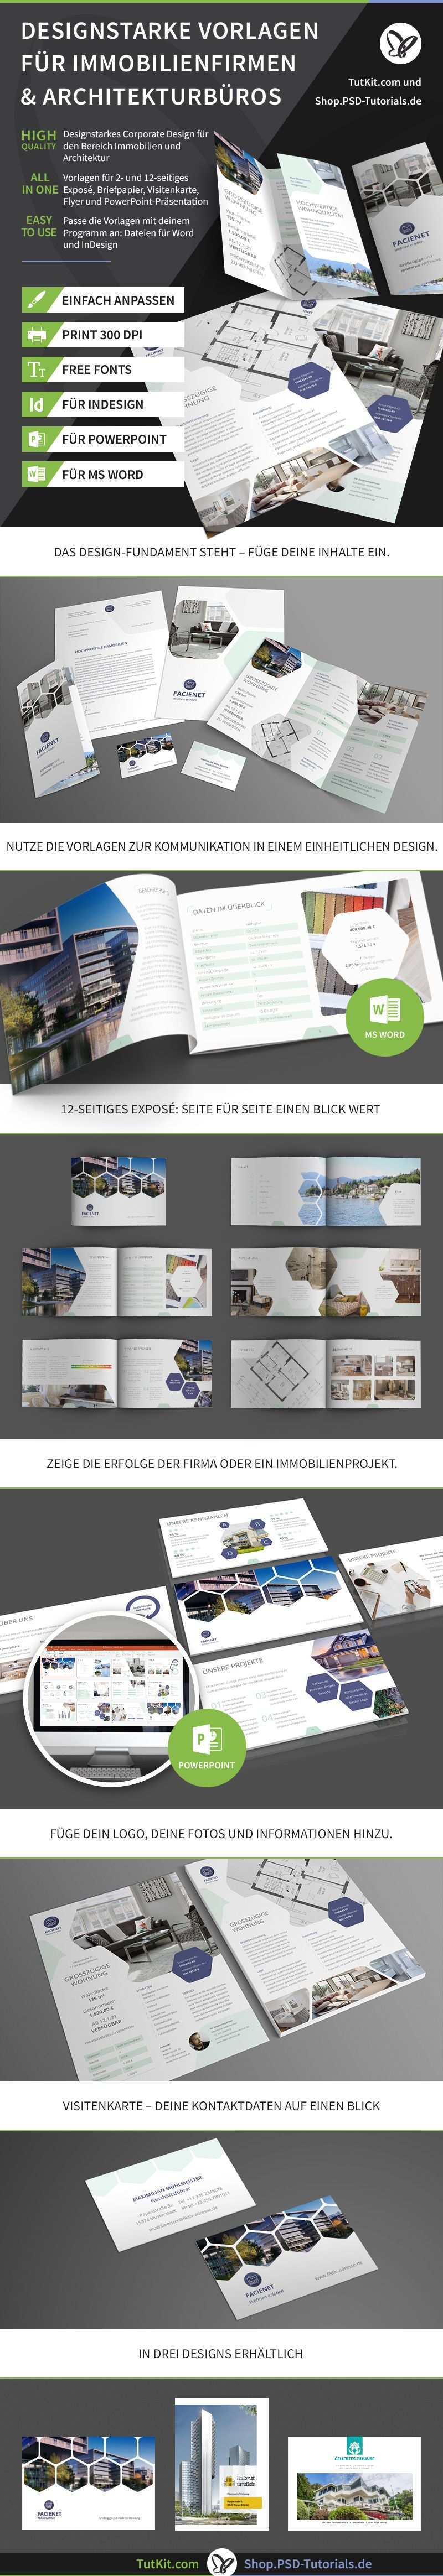 Designstarke Vorlagen Fur Immobilienfirmen Und Architekturburos Visitenkarten Immobilien Immobilienwerbung